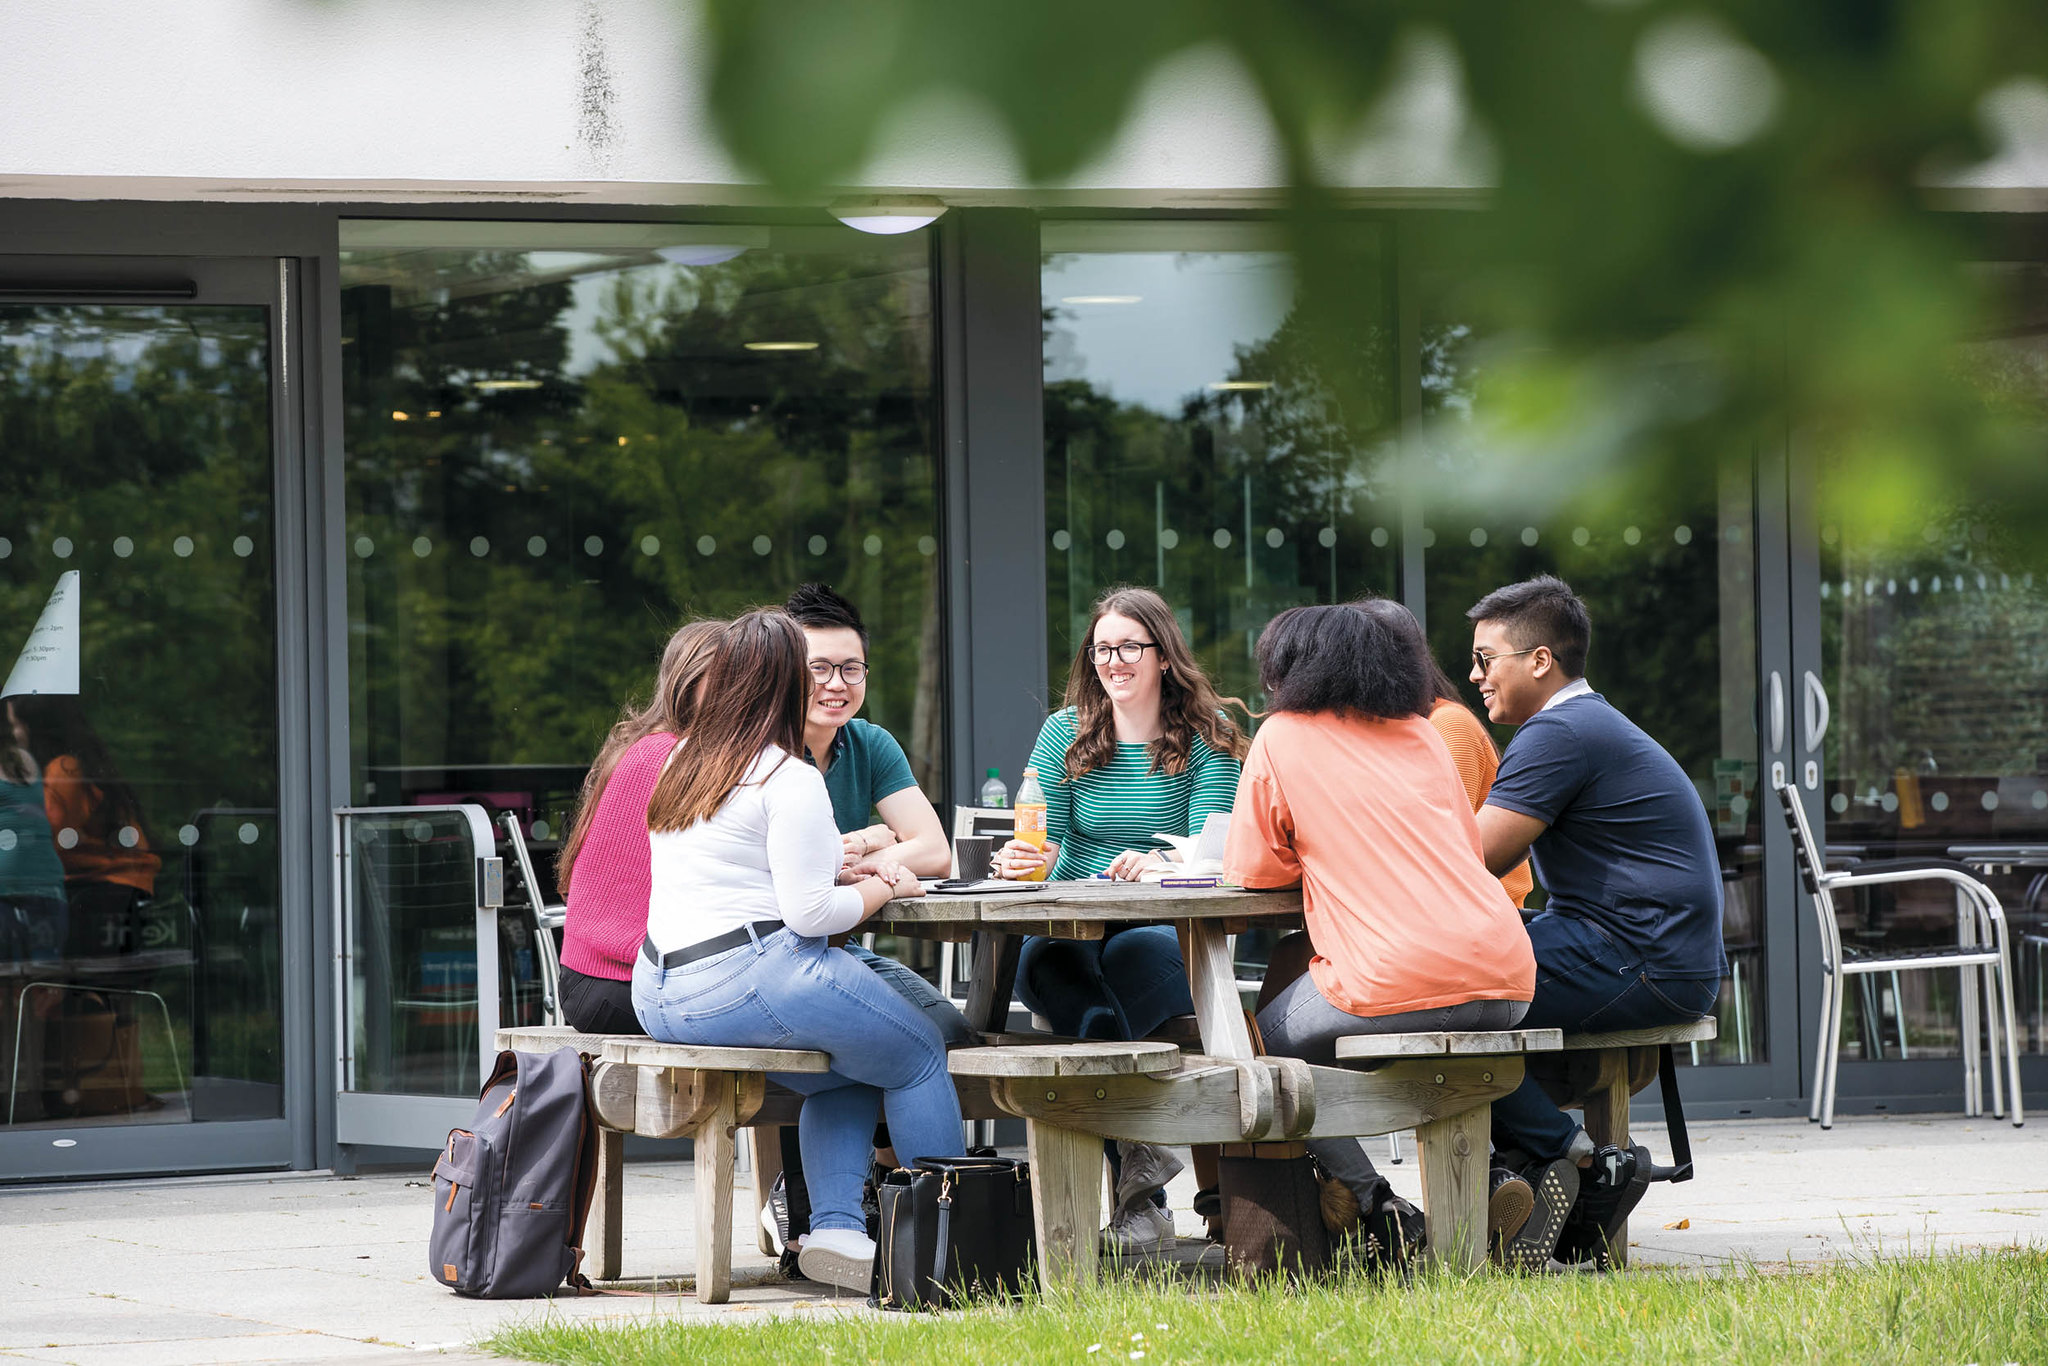 Students sat at bench